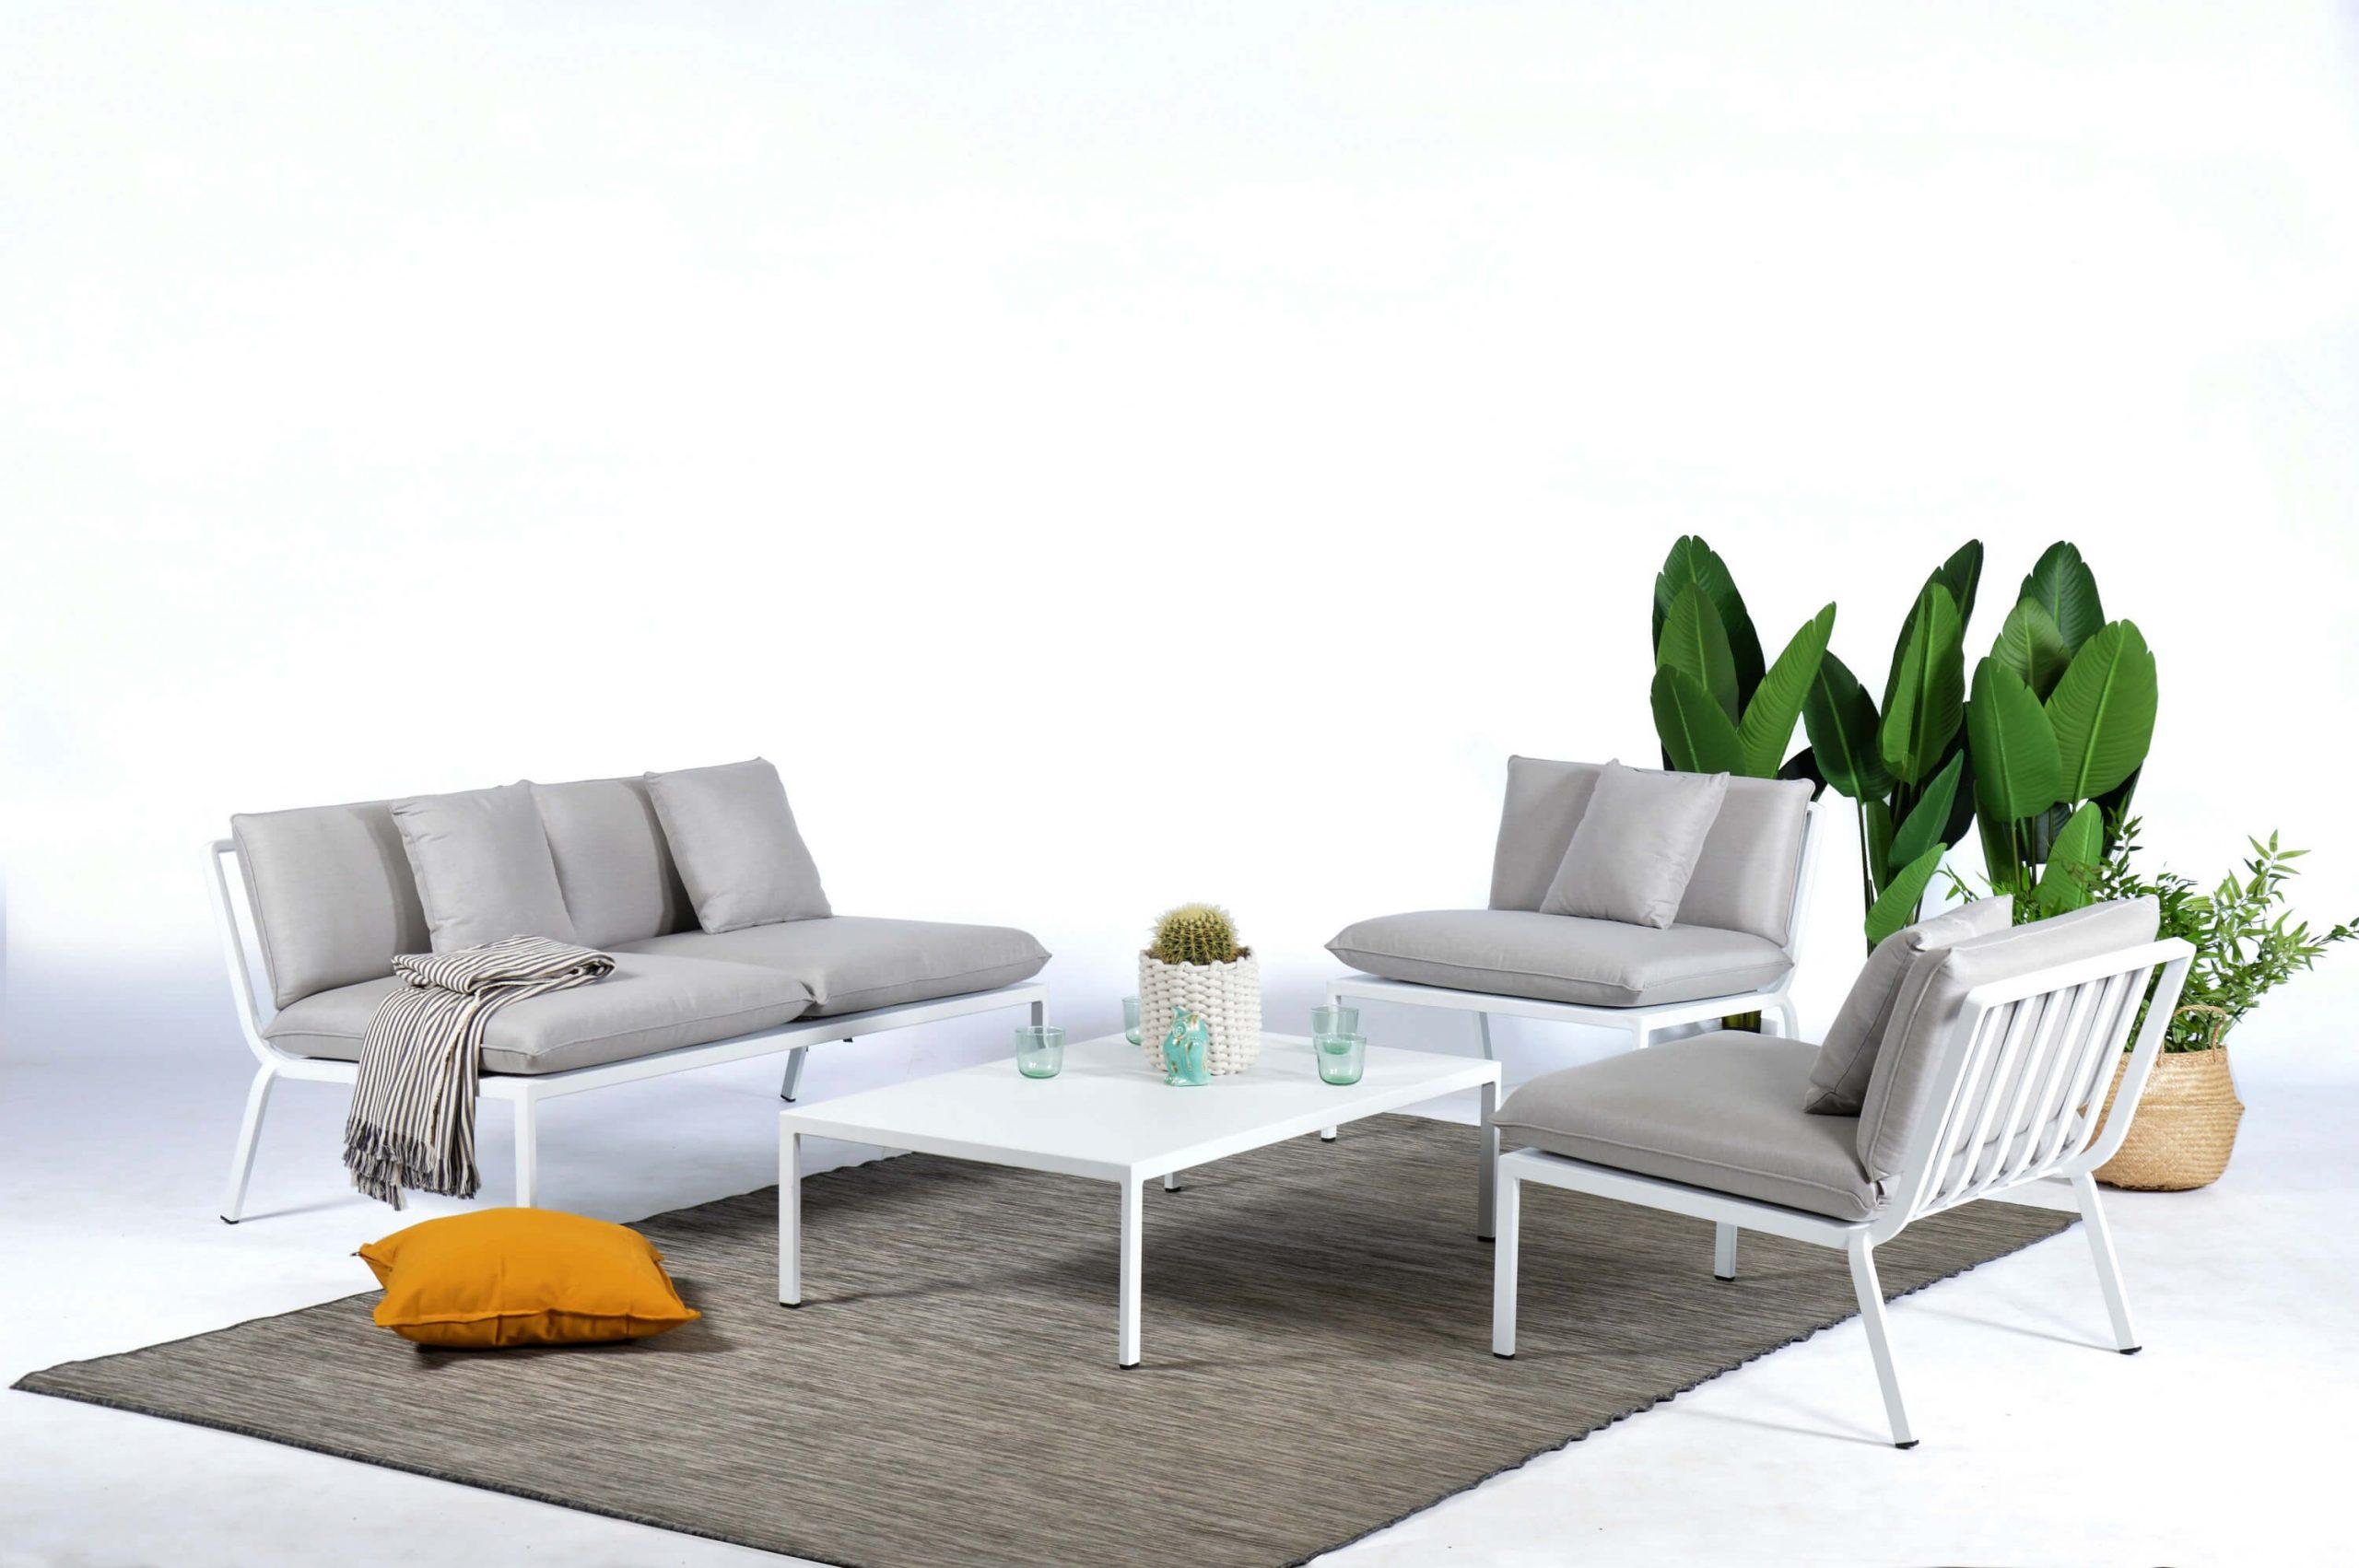 Salon Jardin Design Sunrise pour Salon De Jardin Lumineux